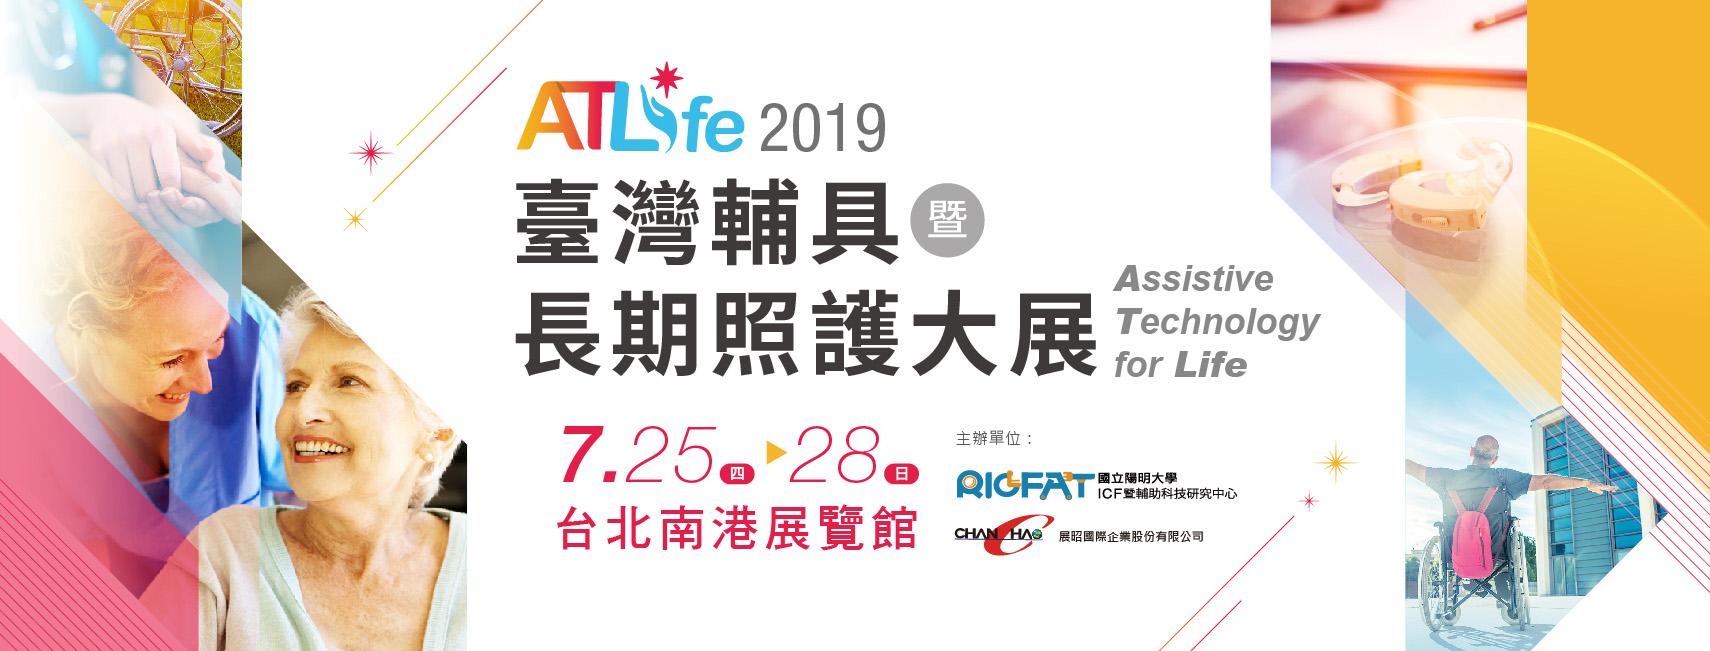 活動推介 : ATLife2019 台灣輔助科技大展考察 及 STEM 義工海外交流活動